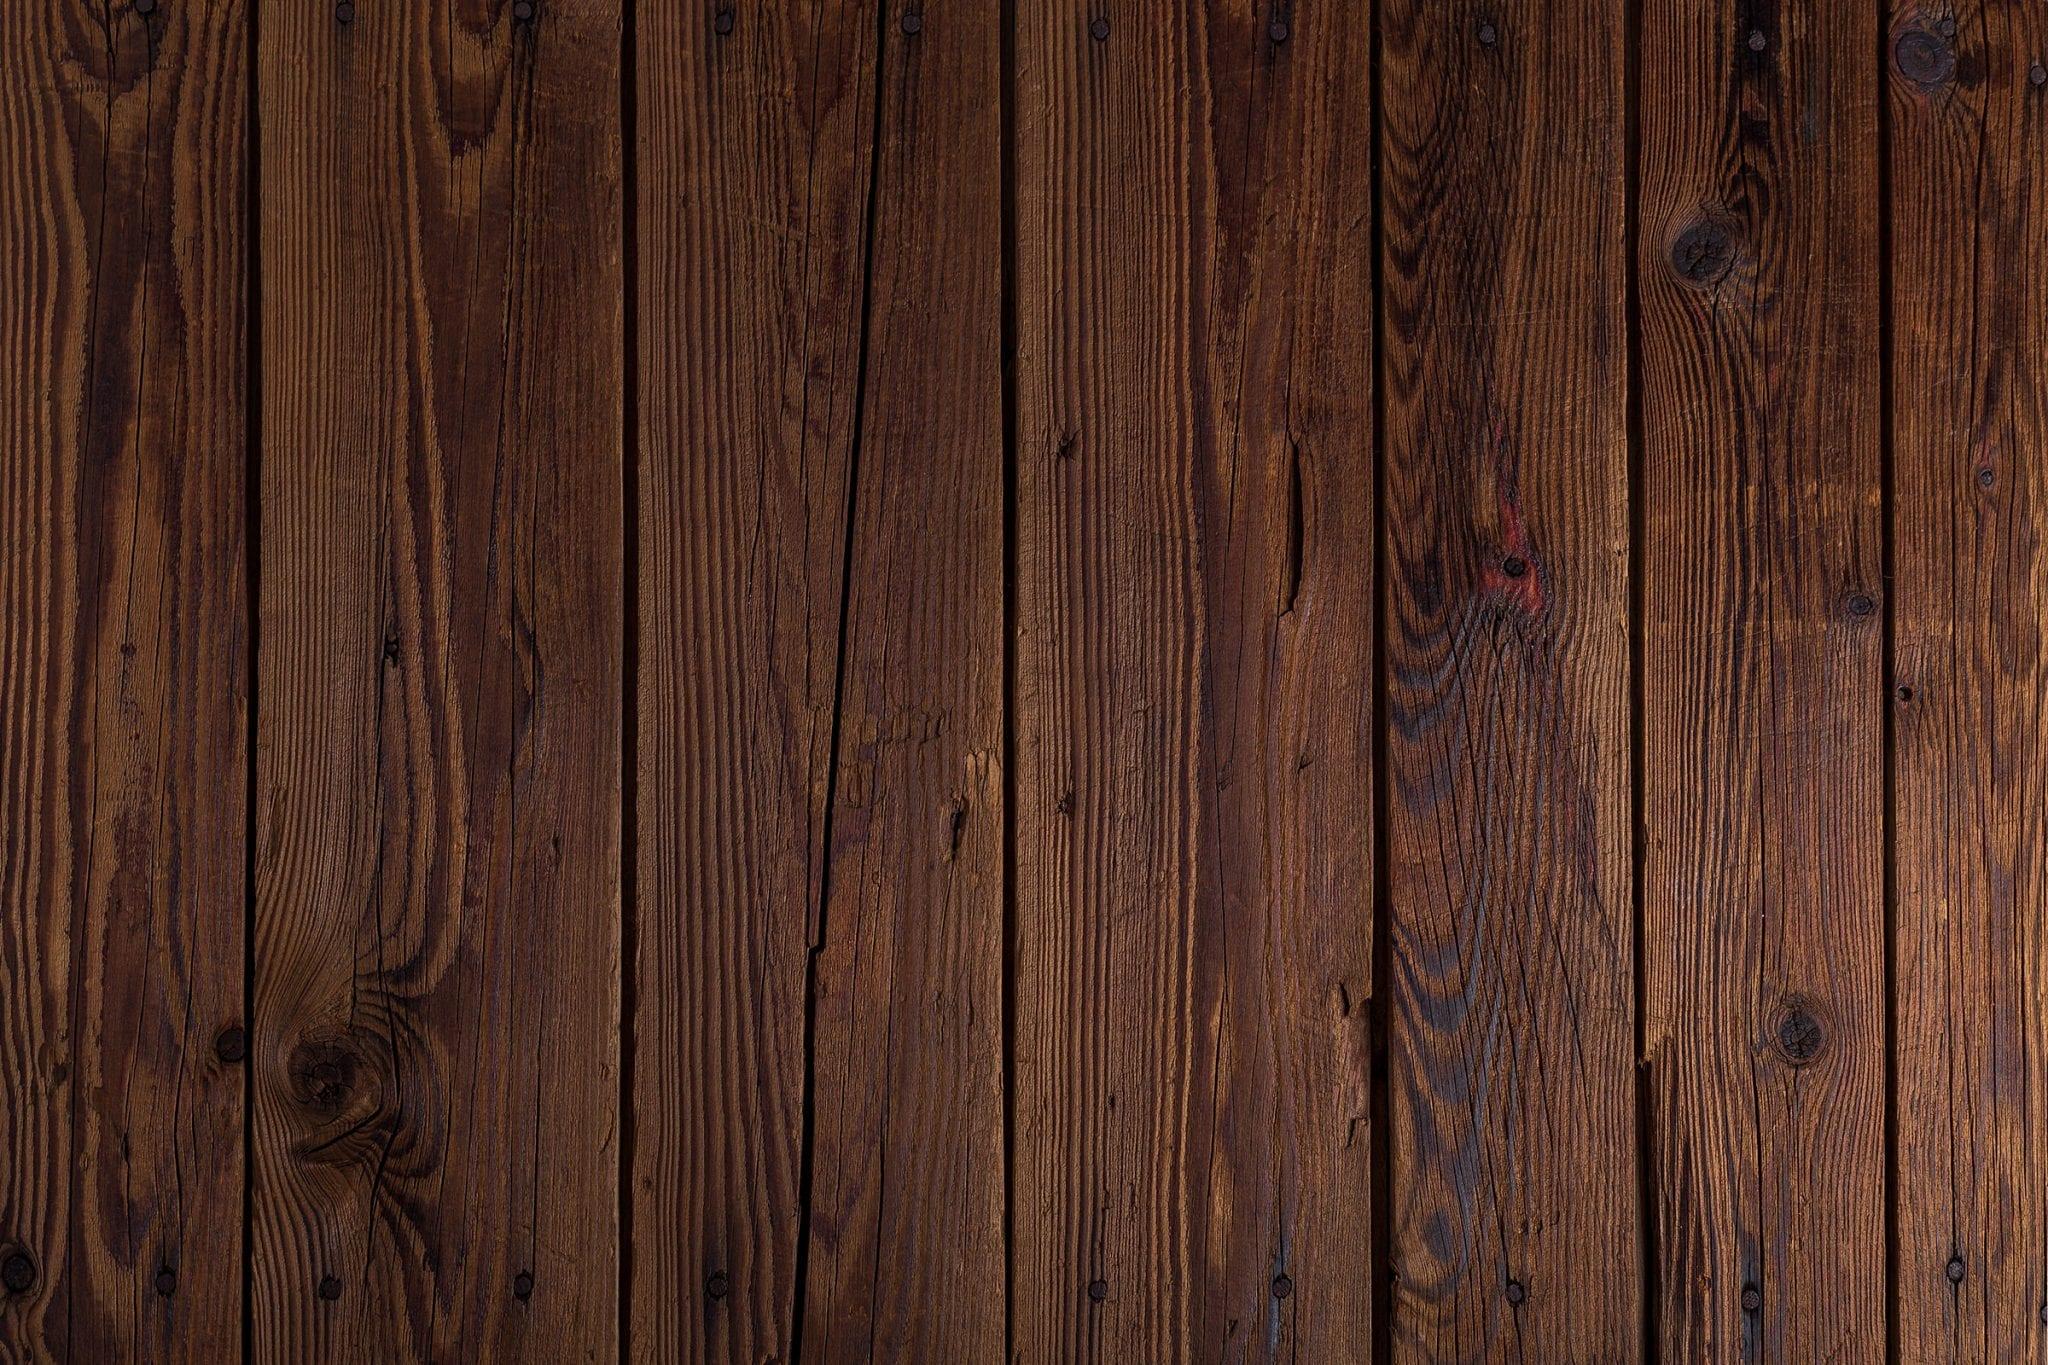 Avoid Using Cedar Fences